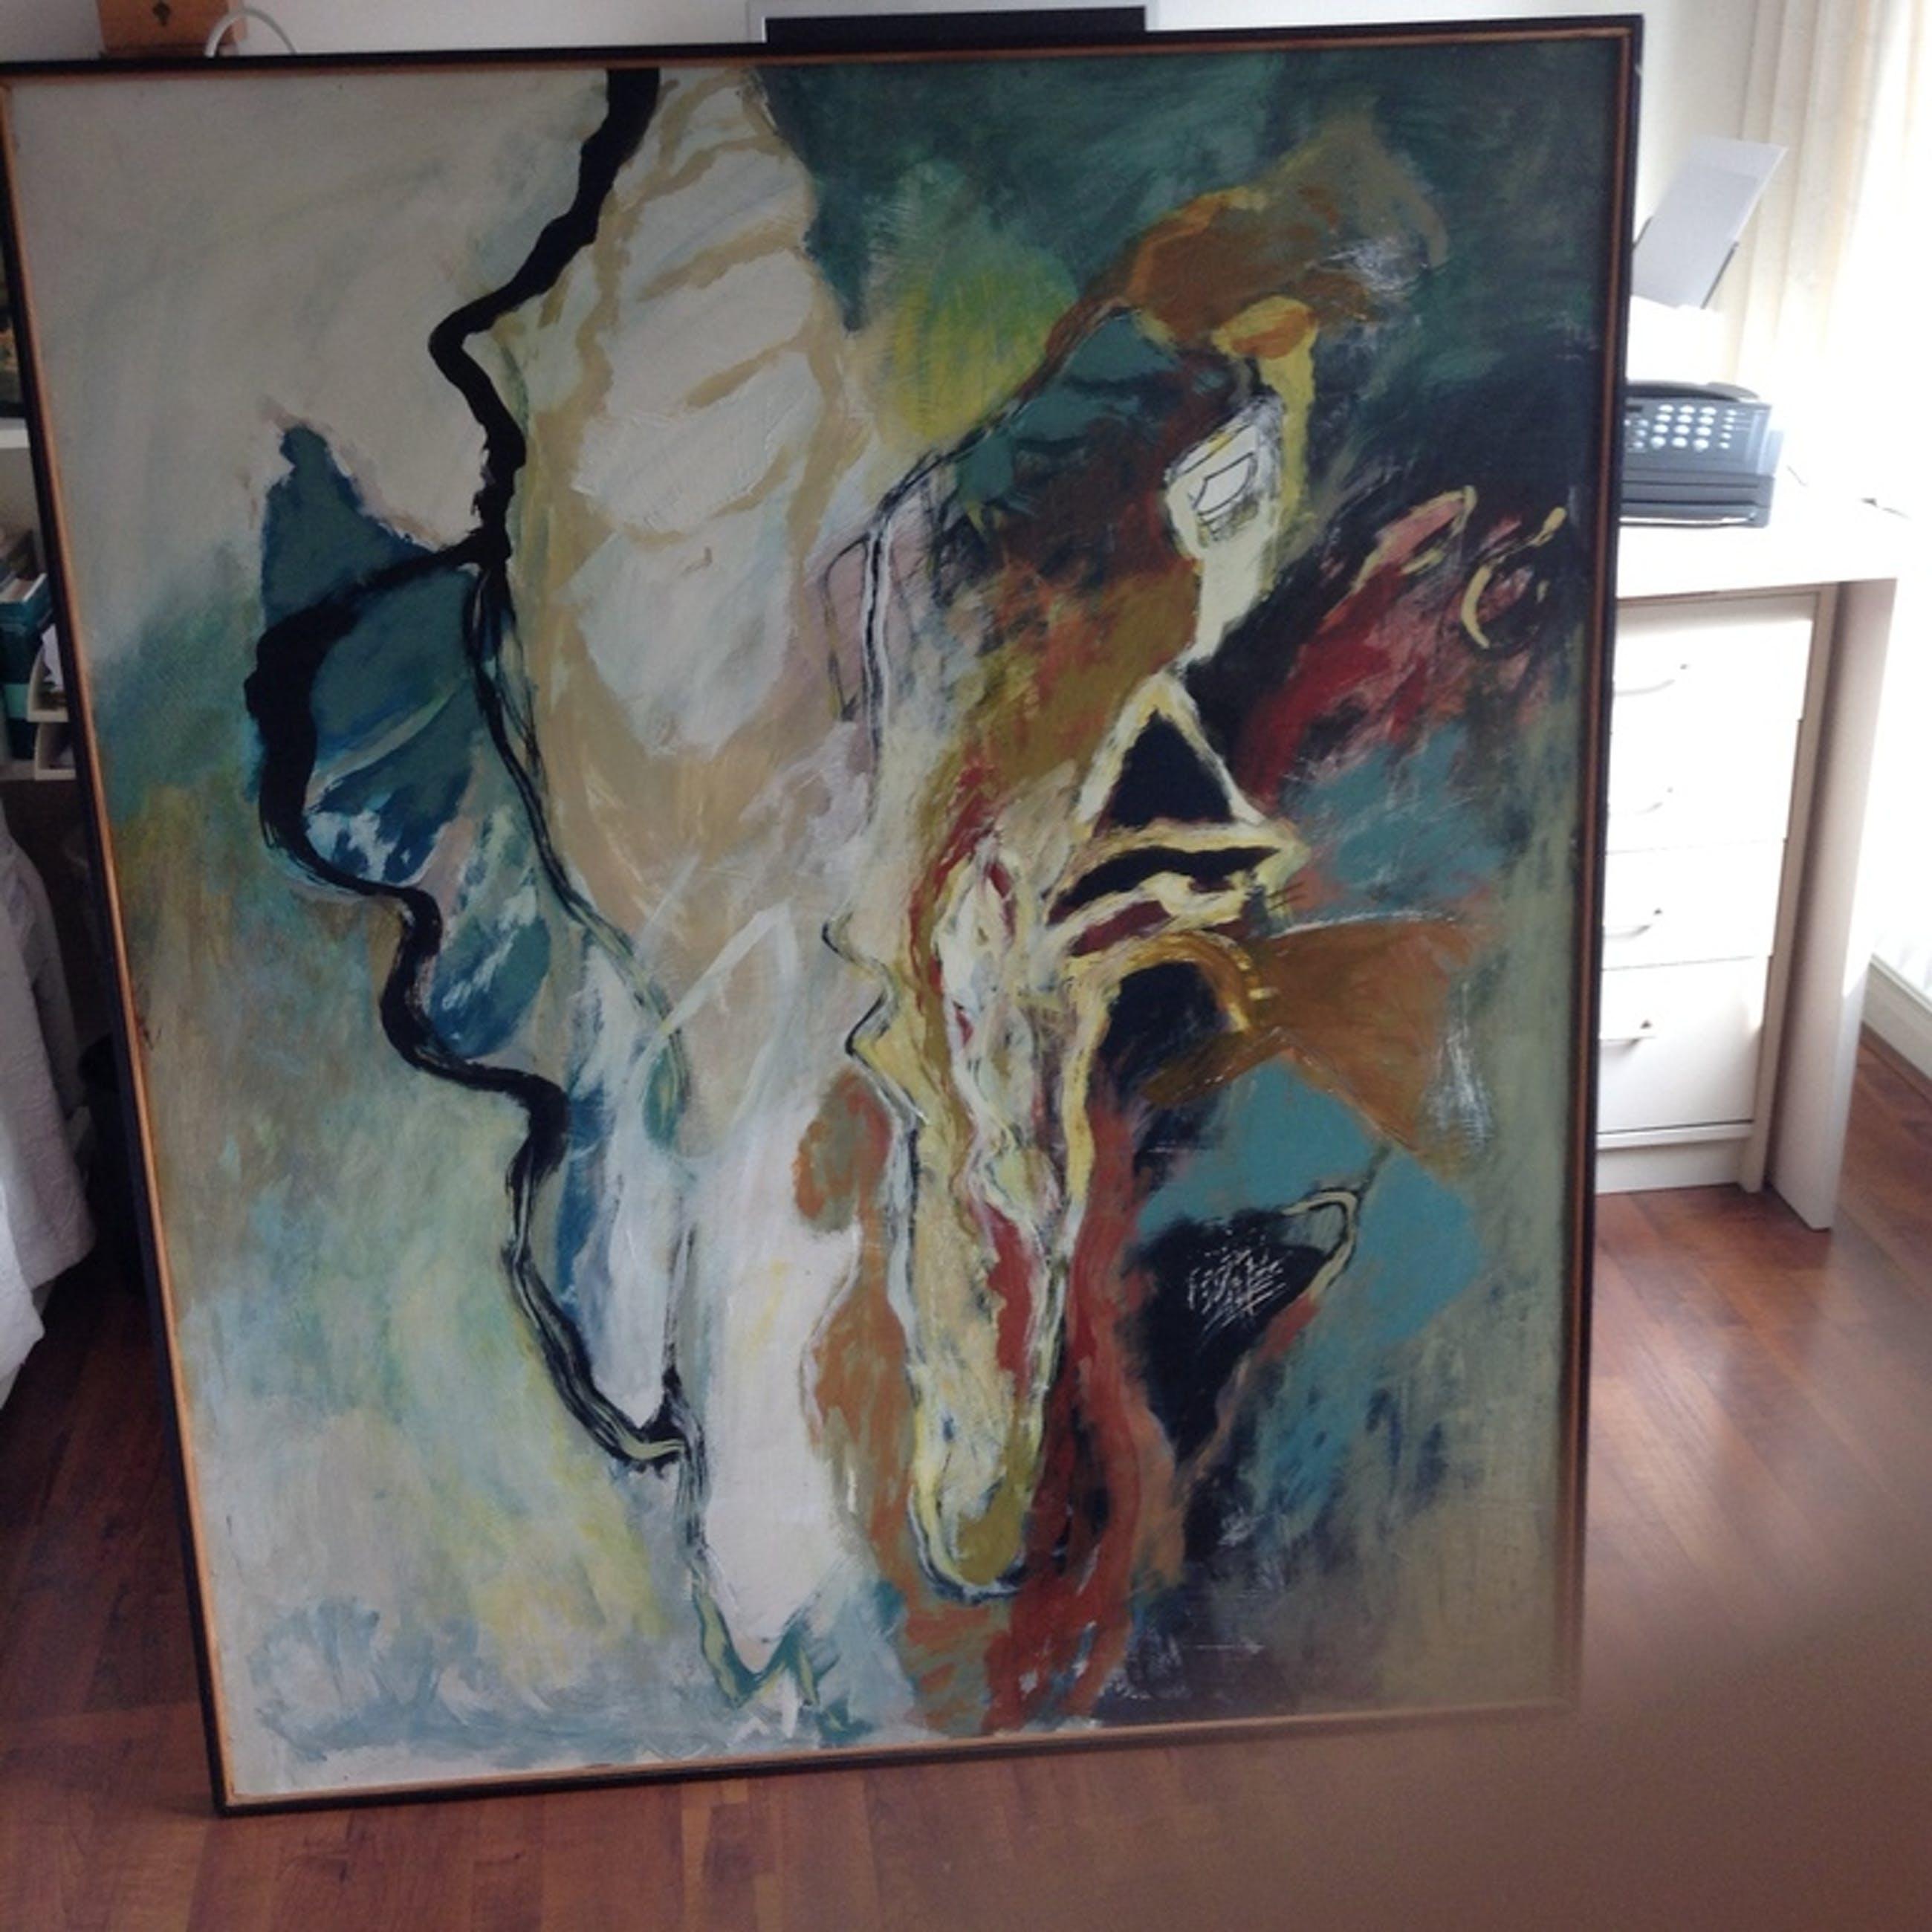 Bert Braam - Acryl op hout - Marokko Adieu 123,5 x 103,5cm kopen? Bied vanaf 500!